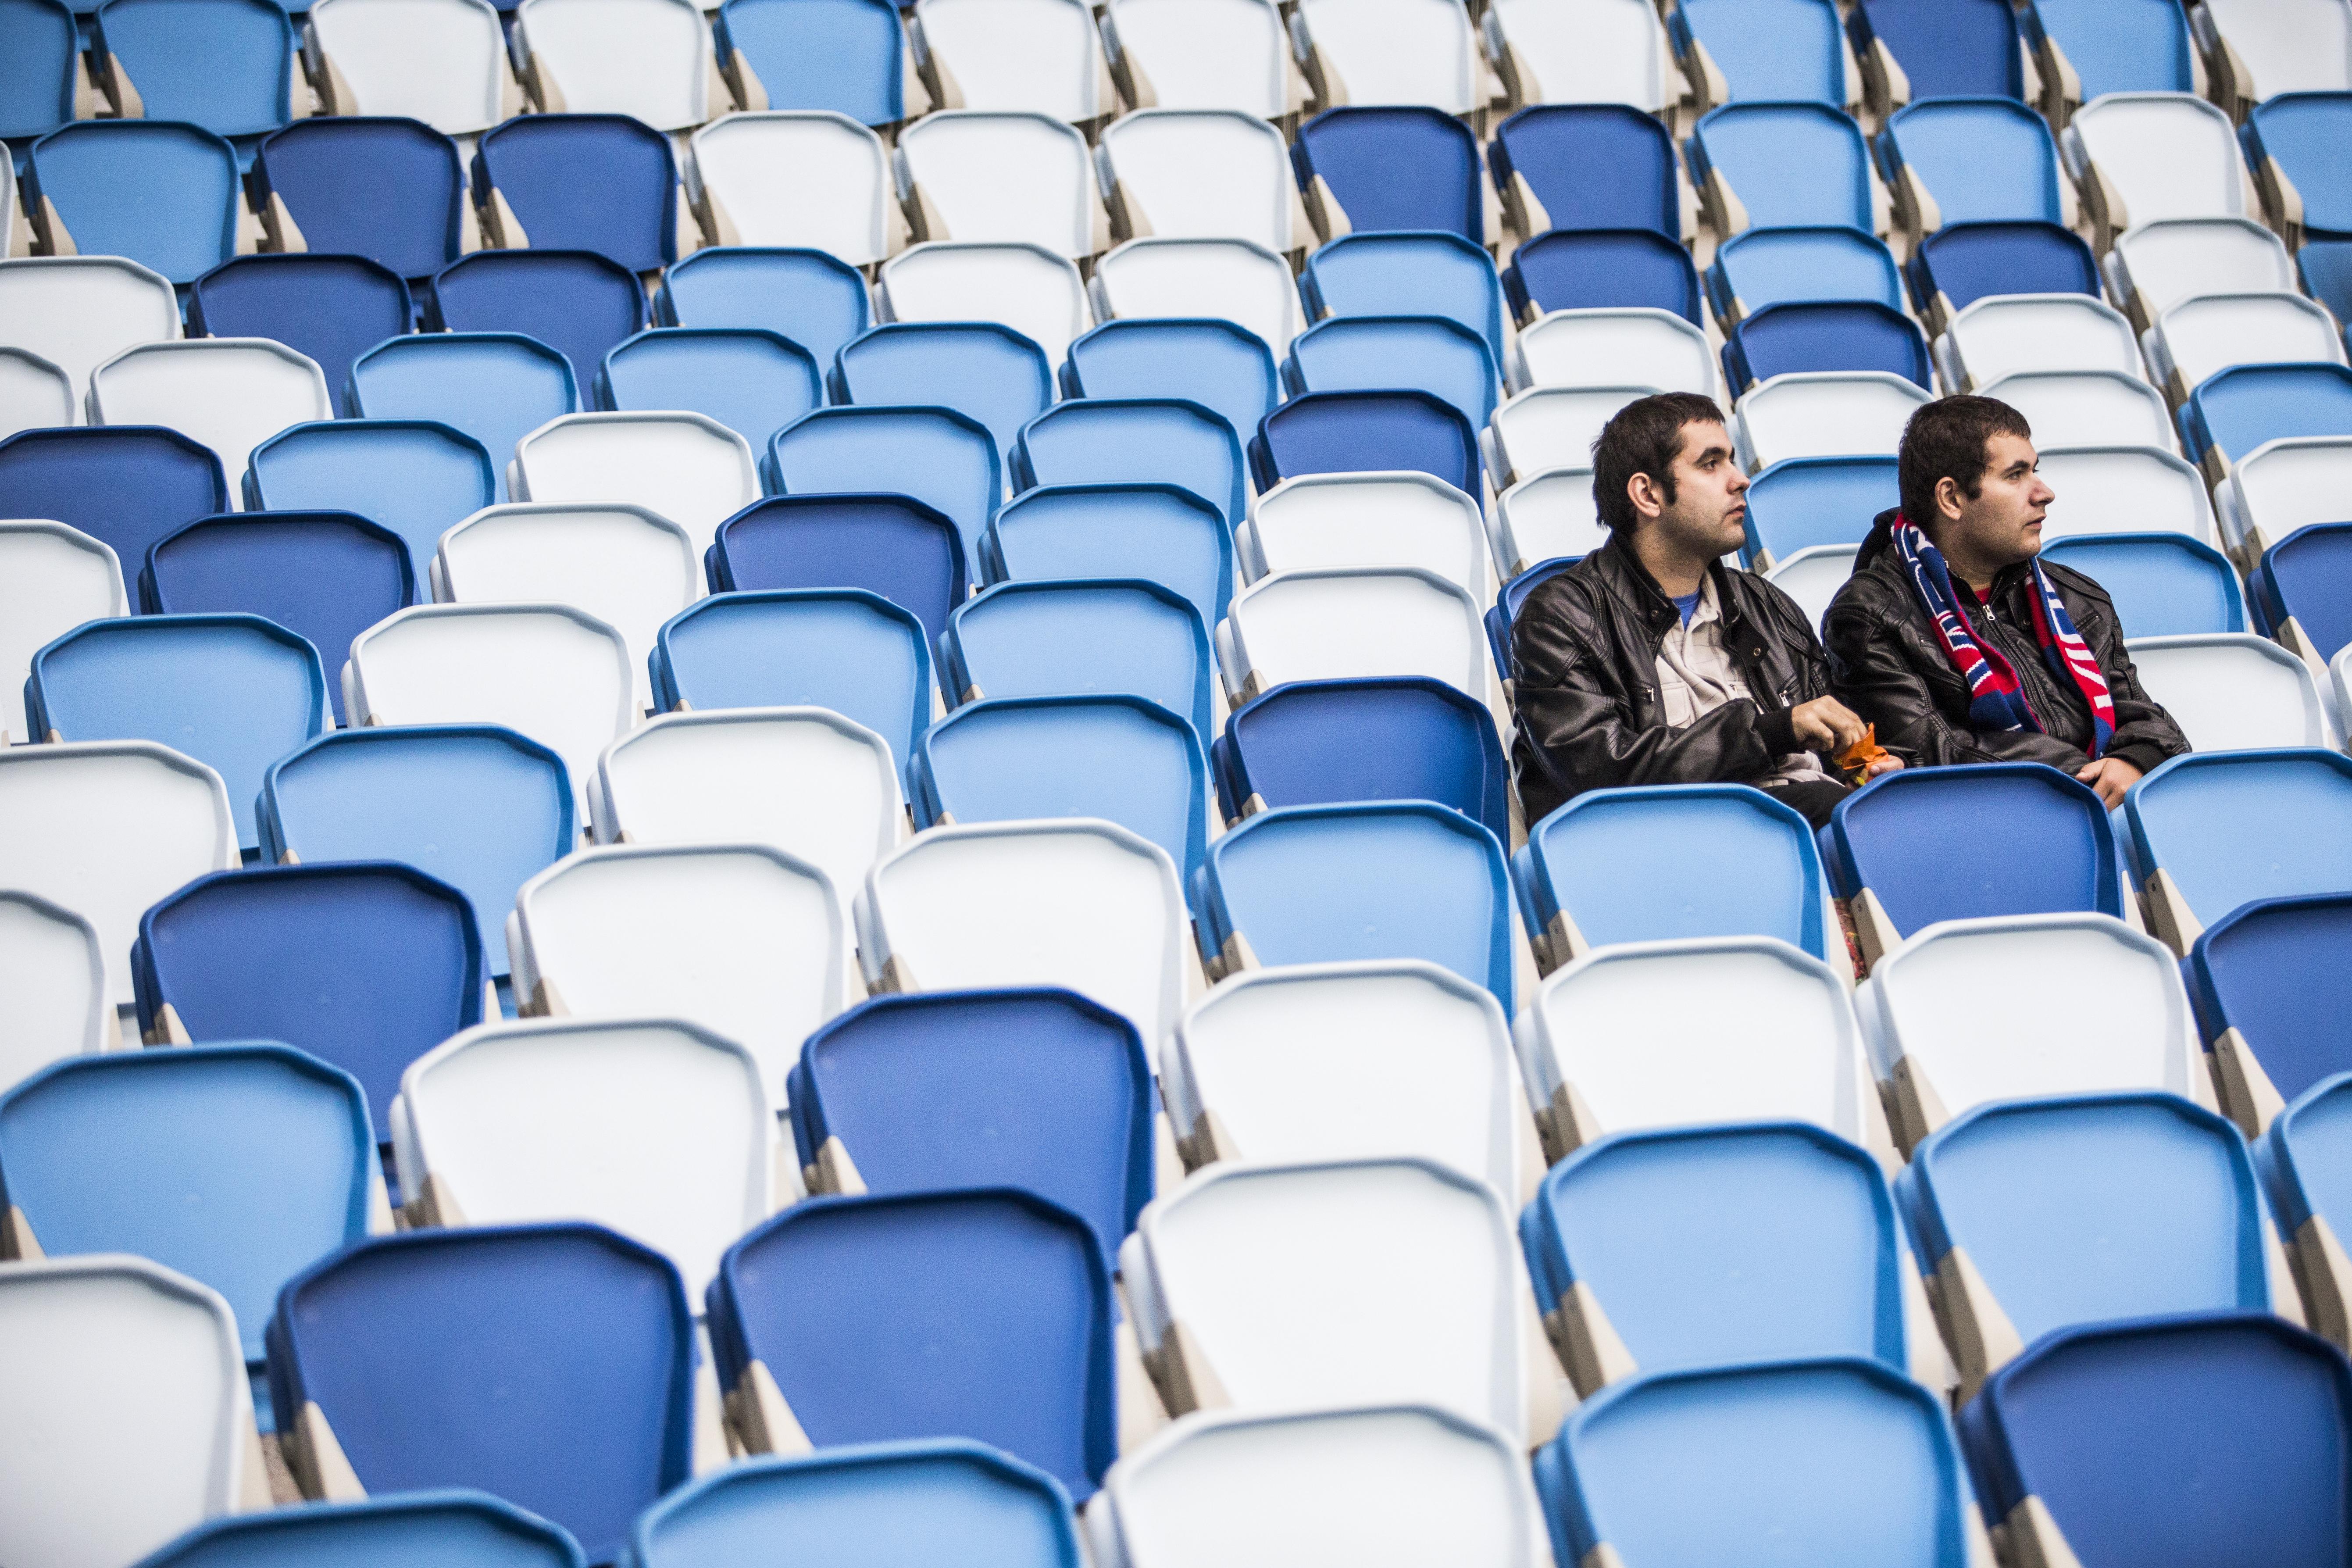 Kétezren szurkoltak a Mol Fehérvár 14 milliárdos stadionjában